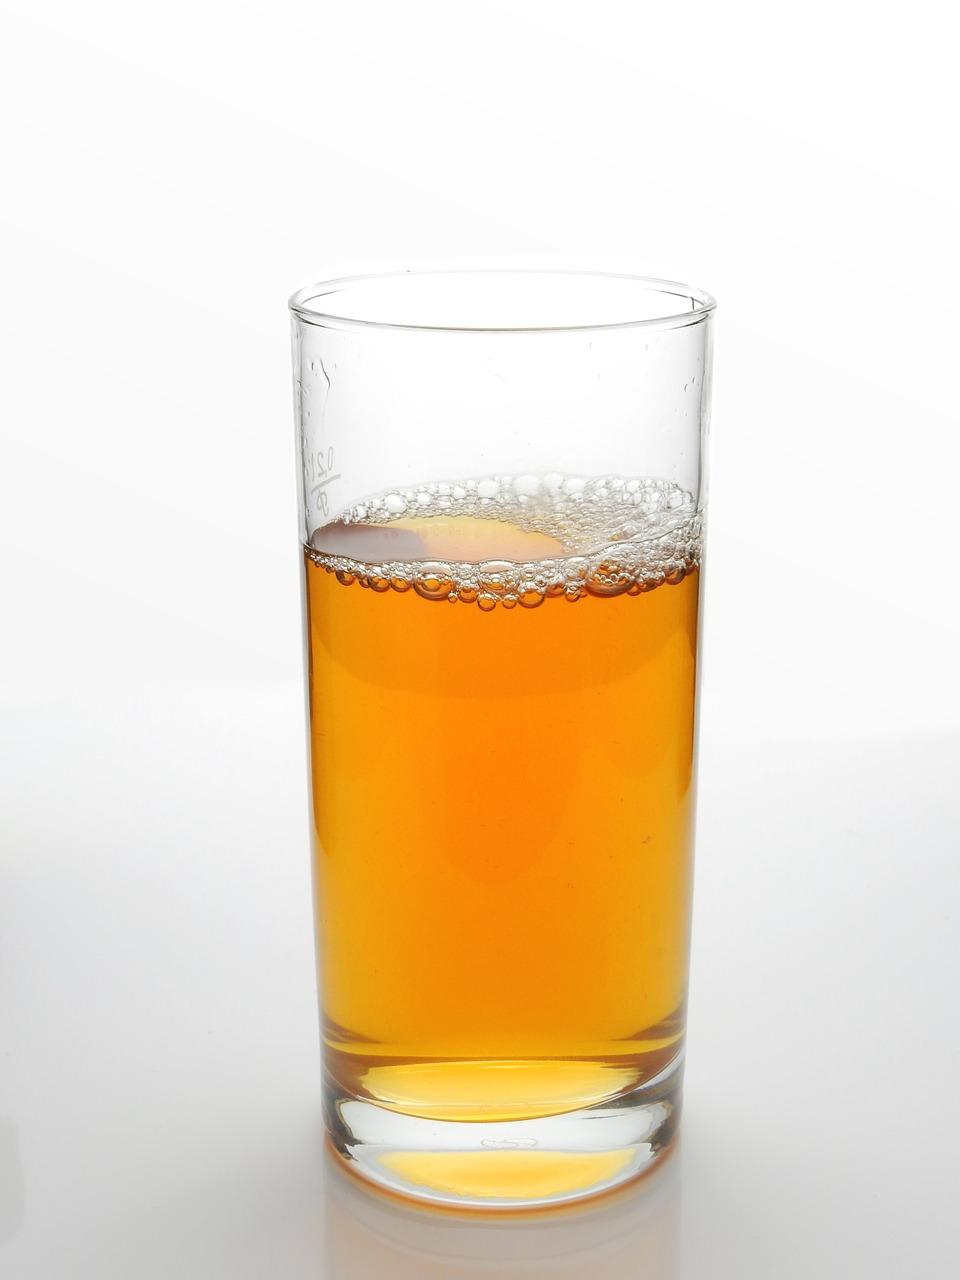 Jesienny sok jabłkowy z sokiem z czarnego bzu